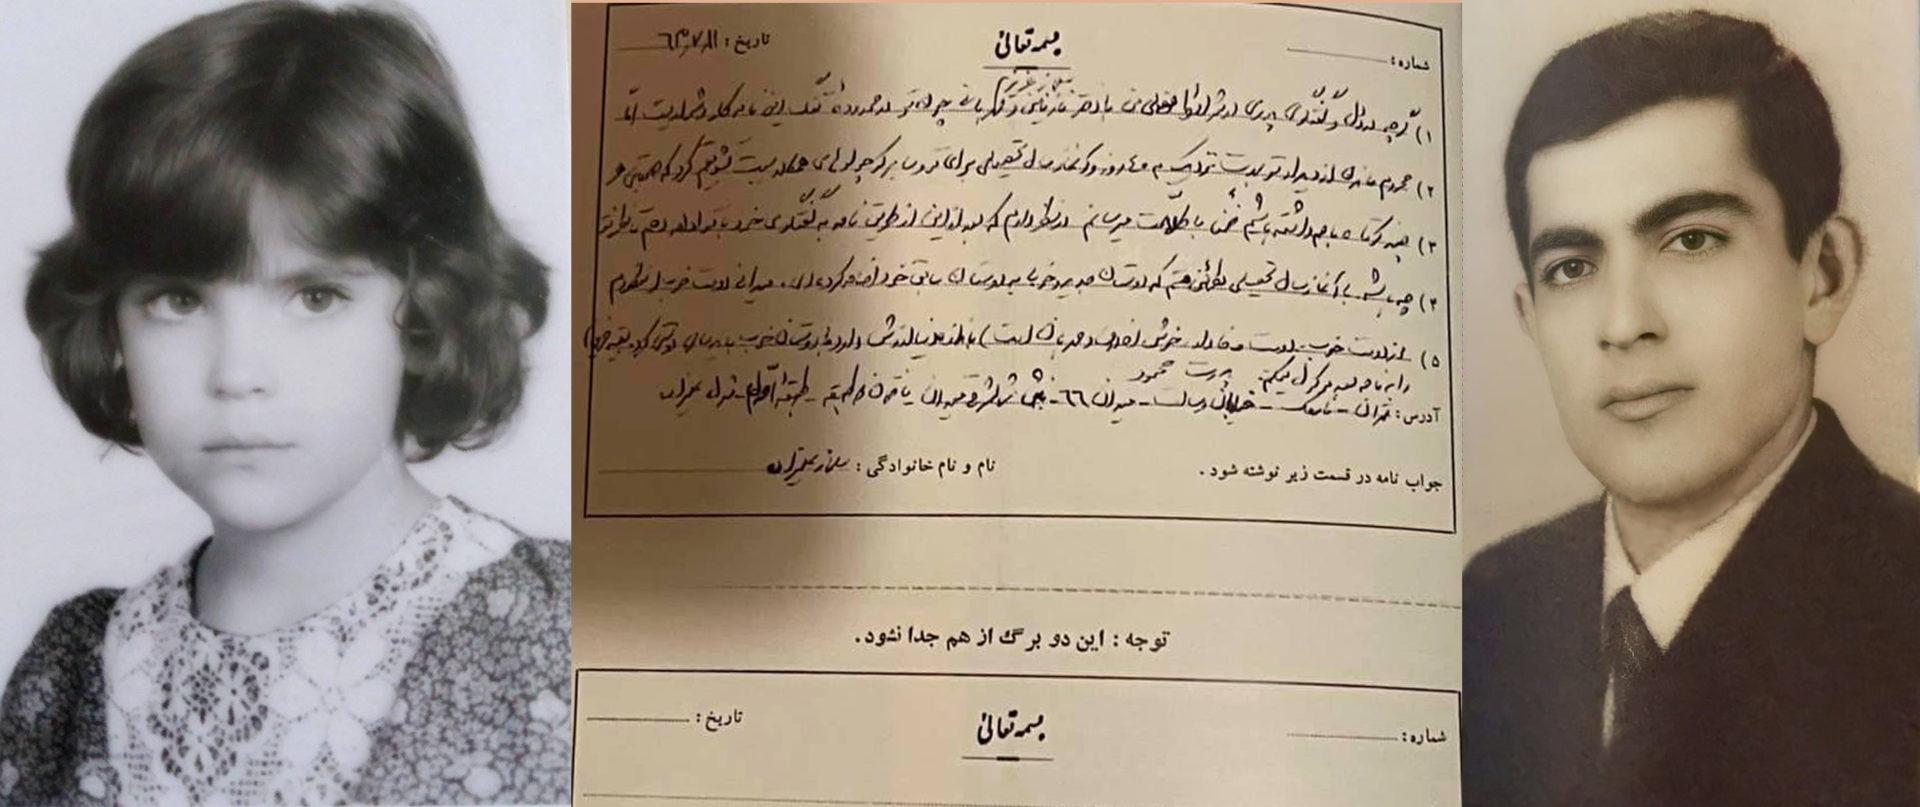 محمود علیزاده سلماز علیزاده فداییان خلق اعدام 67